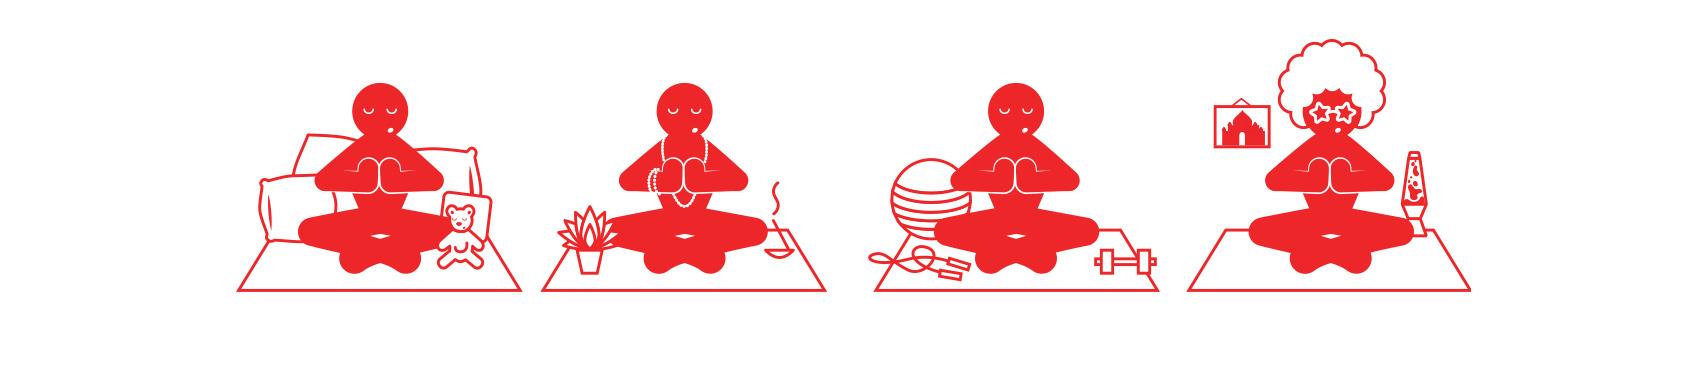 Le conseiller de style : un yoga pour chacun